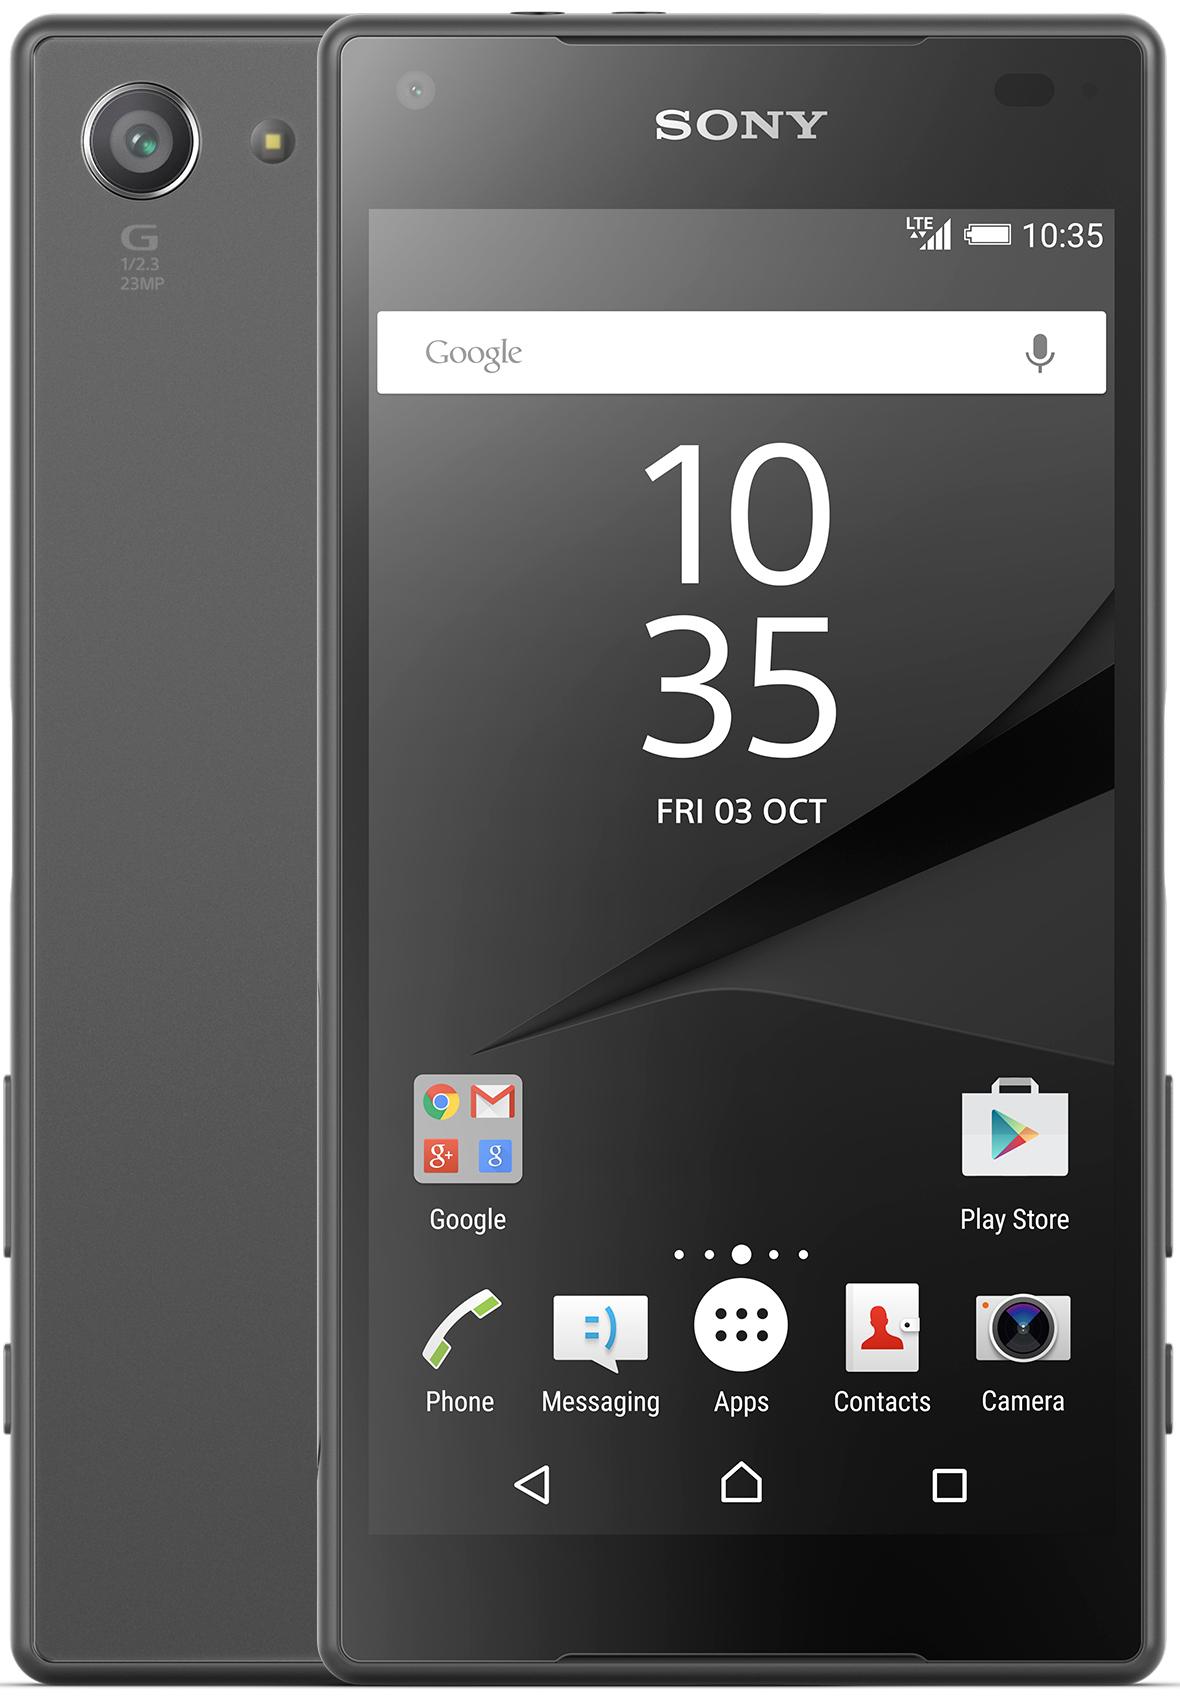 Offerta Sony Xperia Z5 Compact su TrovaUsati.it